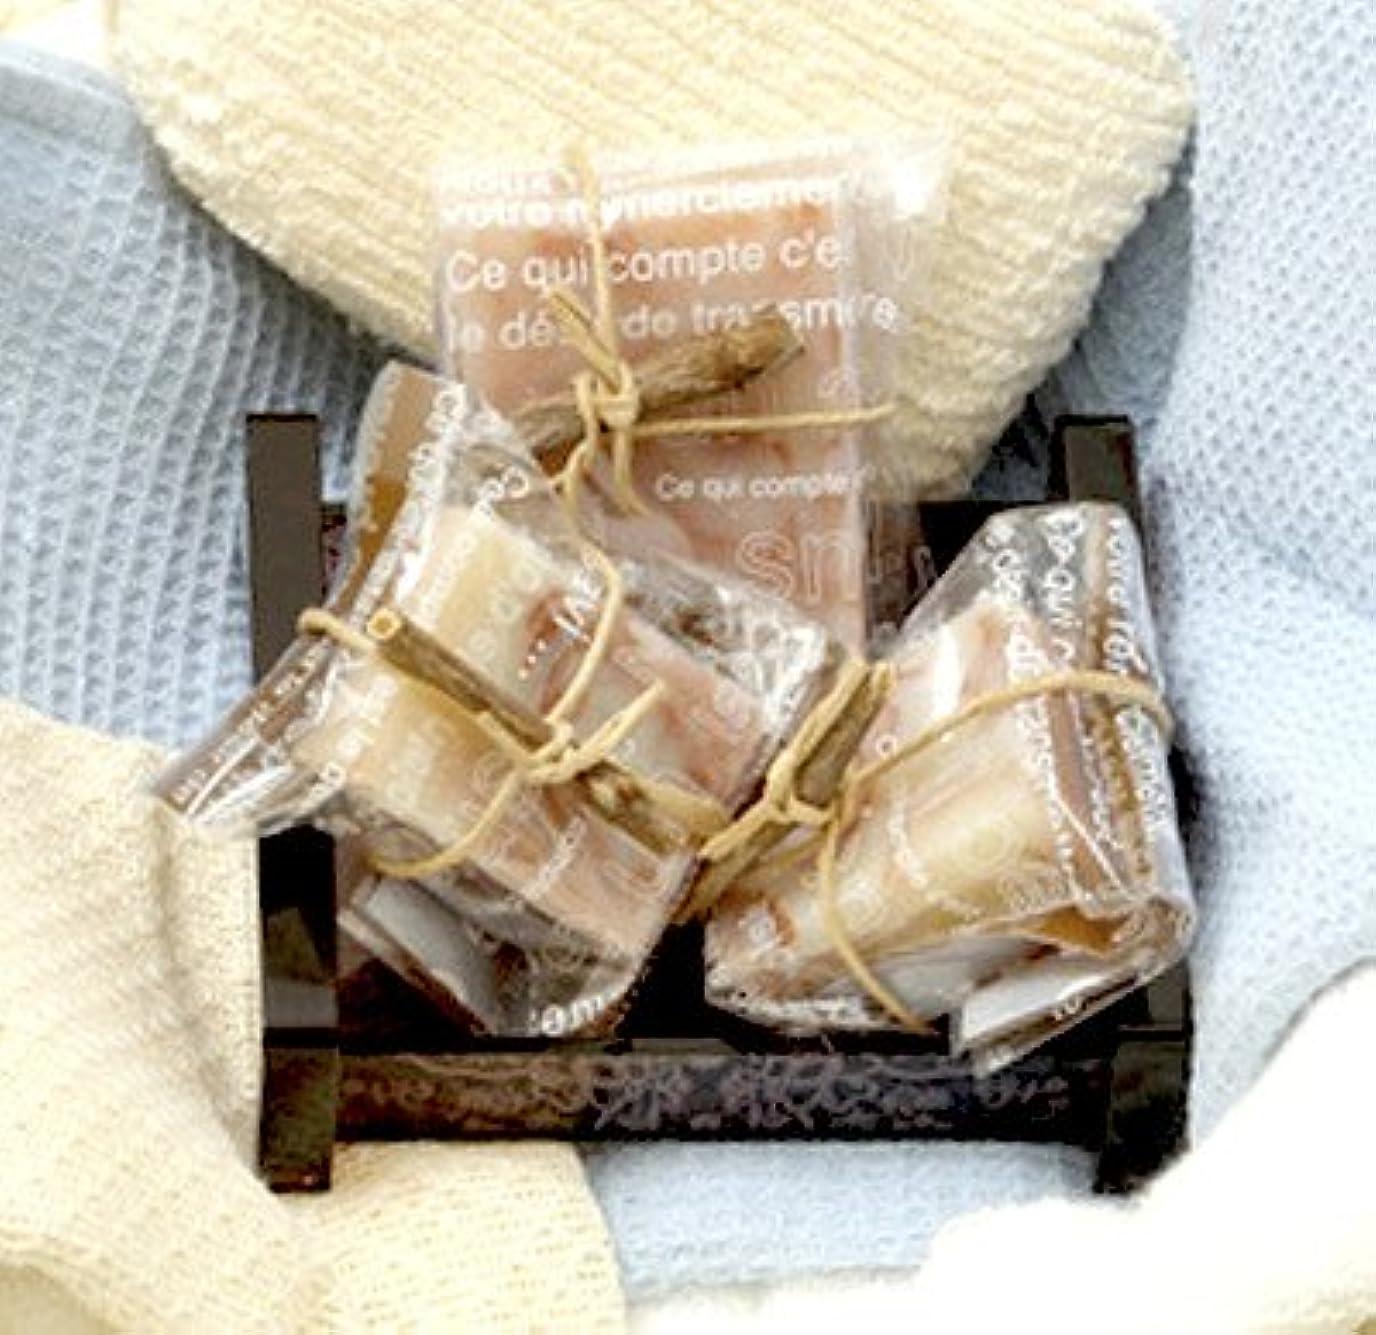 豚肉怒る間欠能登ワインを配合した皮膚科医監修の無添加で肌にやさしい「純石けん」能登ワイン石けん〔80g×1、40g×2〕